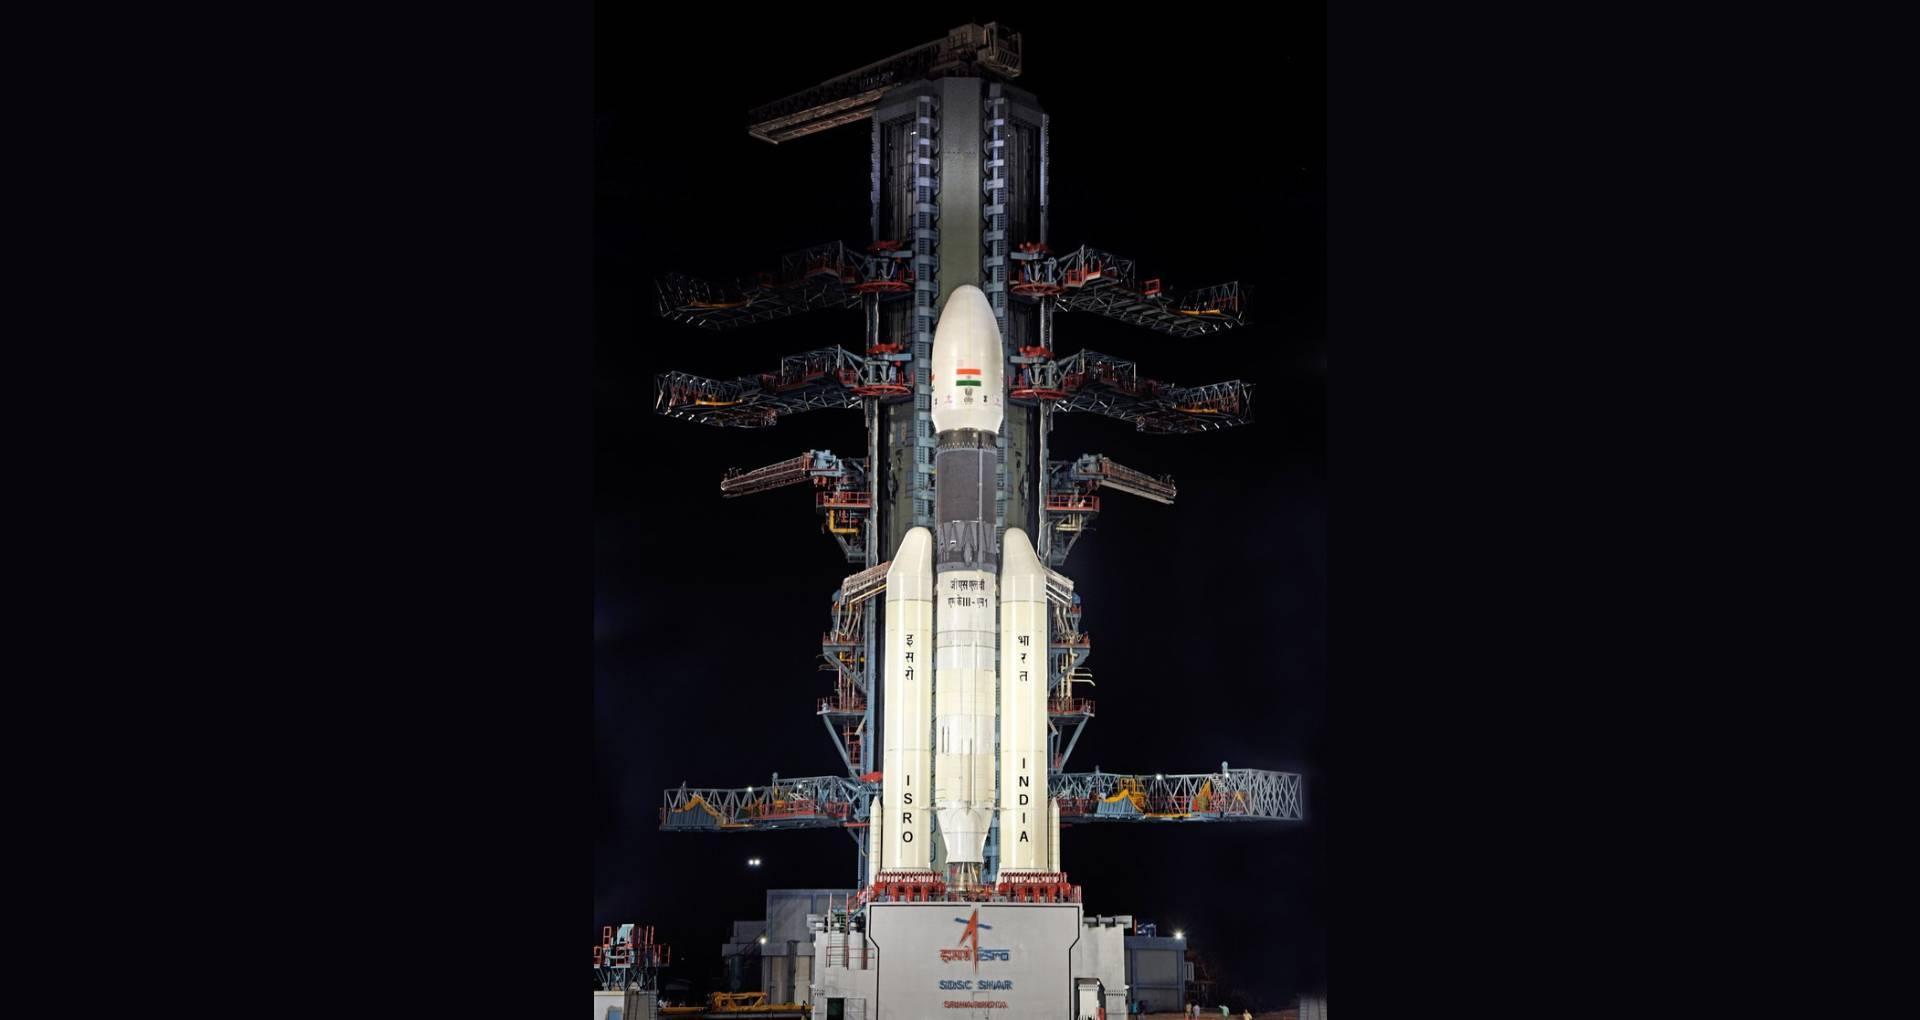 चंद्रयान-2 में आई तकनीकी खराबी की वजह से 1 घंटे पहले टली लॉन्चिंग, अब इसरो जल्द करेगा नई तारीख का ऐलान